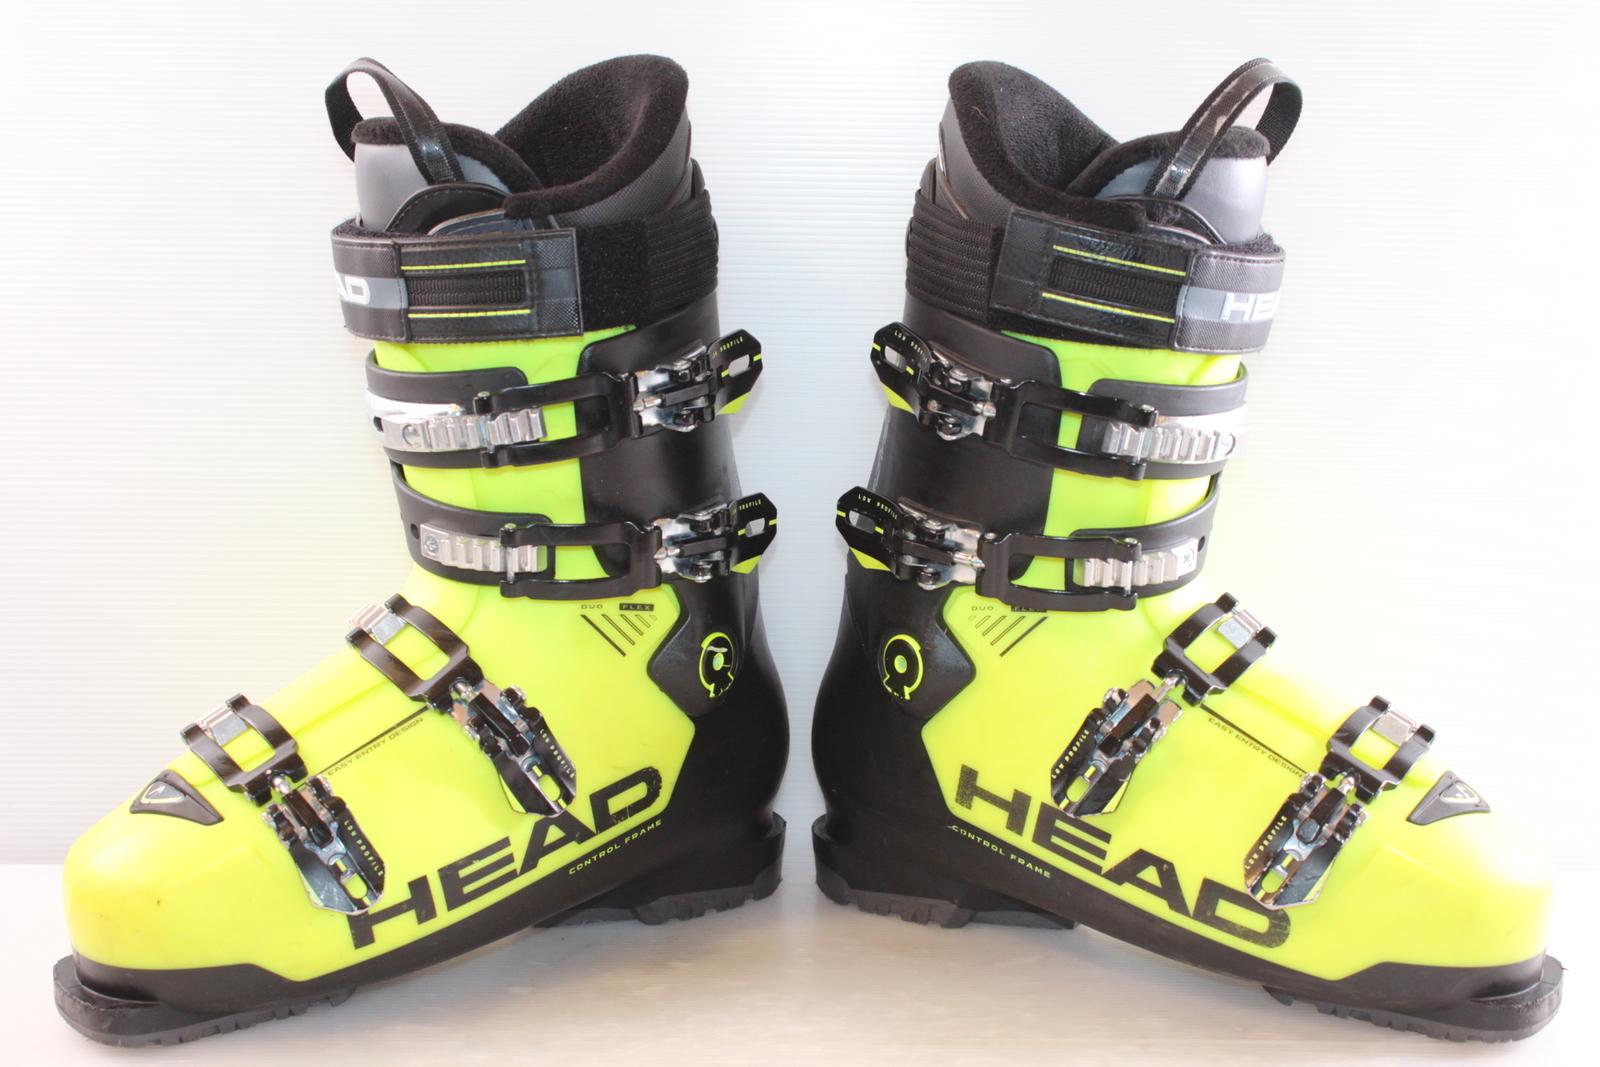 Lyžařské boty Head Edge advant vel. EU44.5 ac1b47d6eb